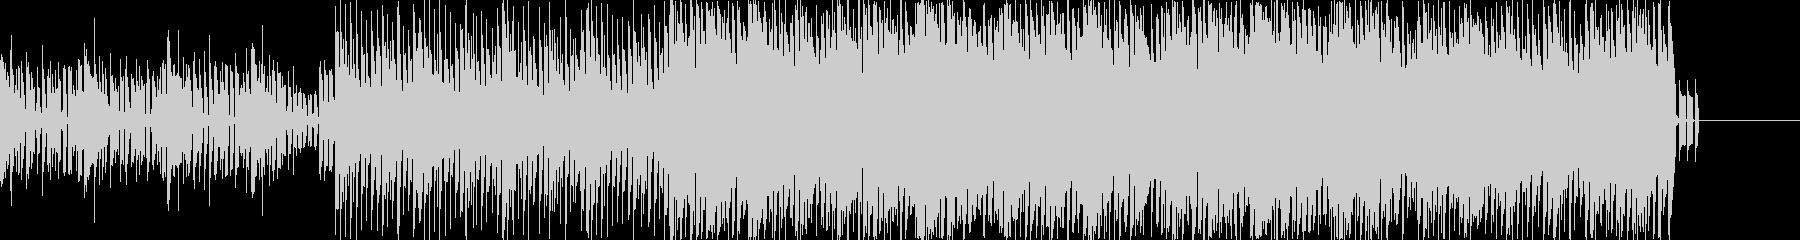 ビート感のあるシンセリードの雅楽ポップスの未再生の波形